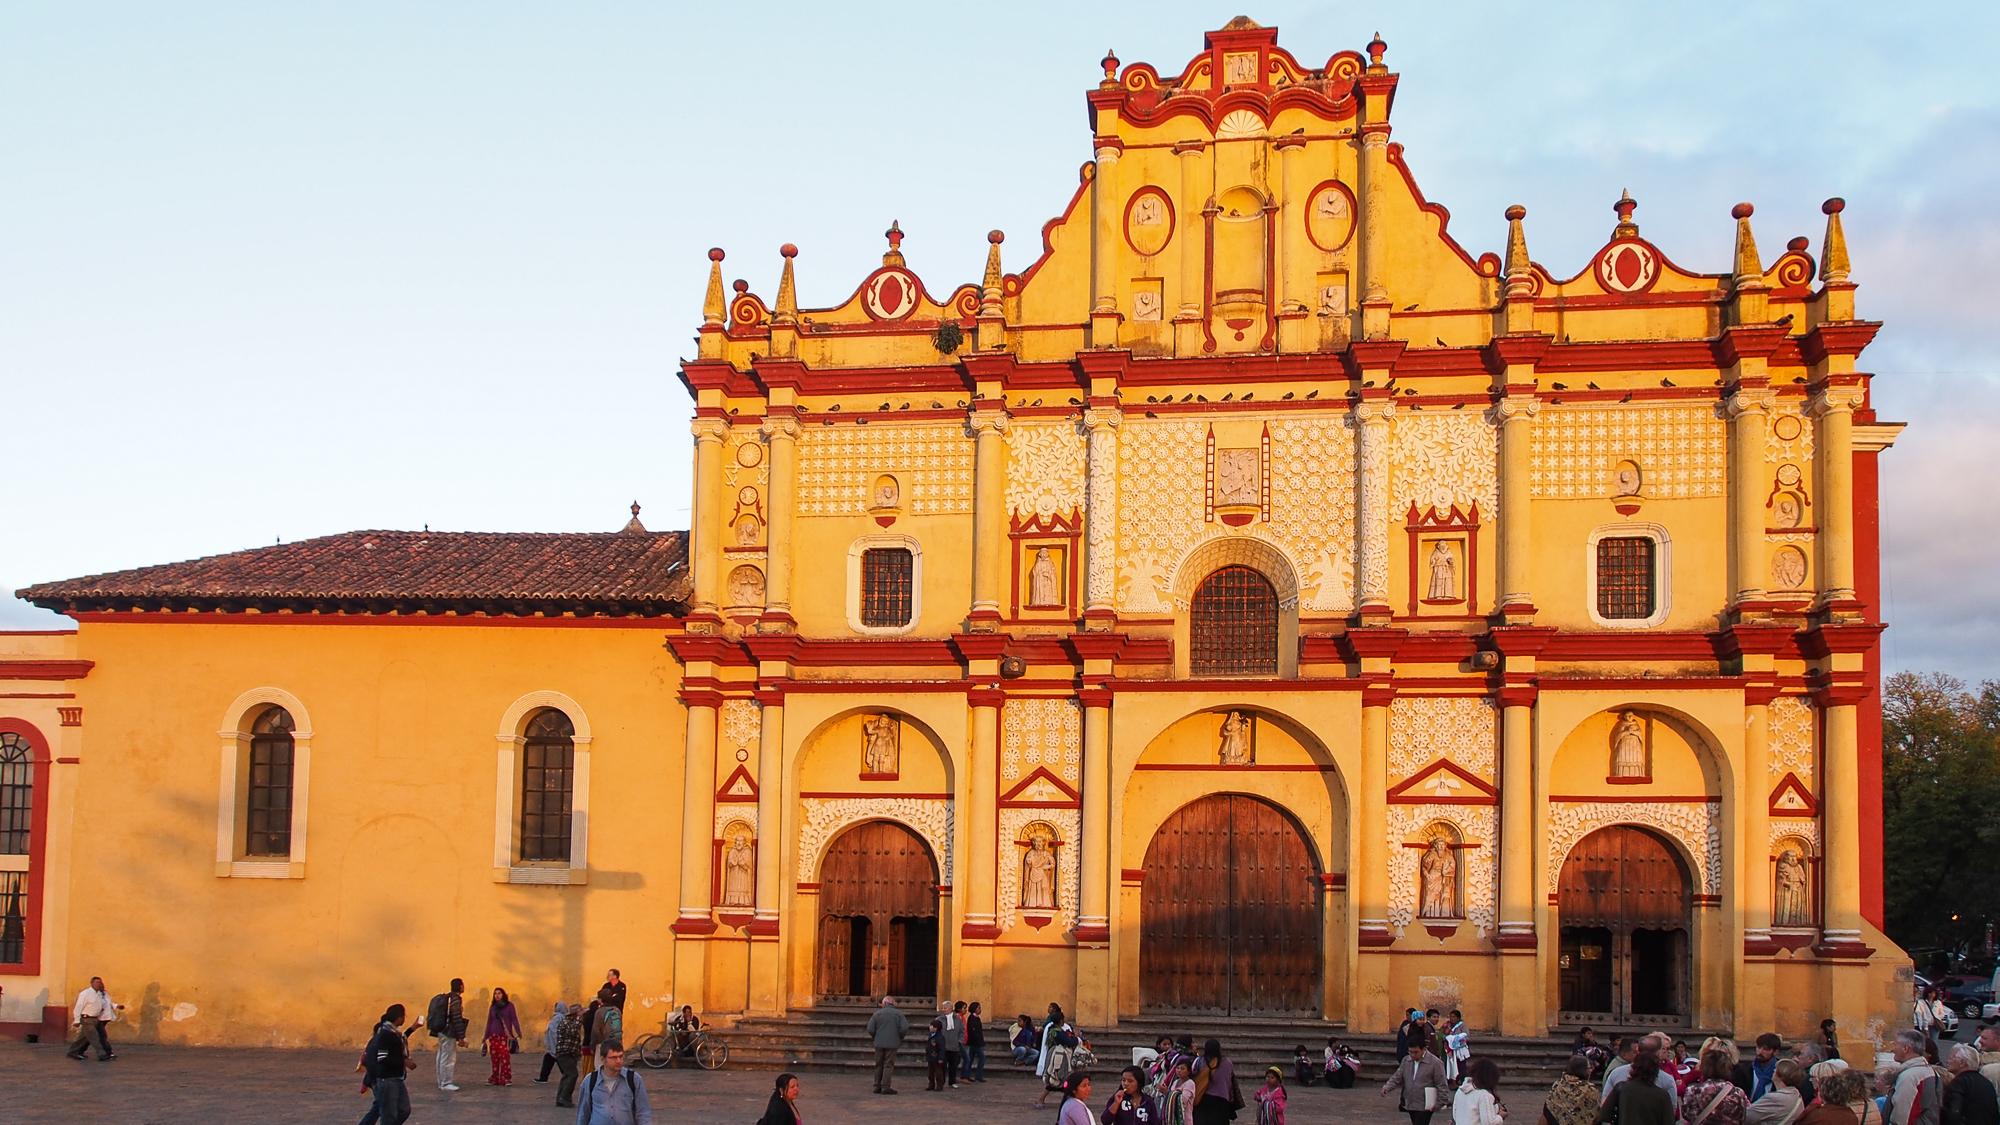 San Cristóbal de las Casas cathedral, Mexico